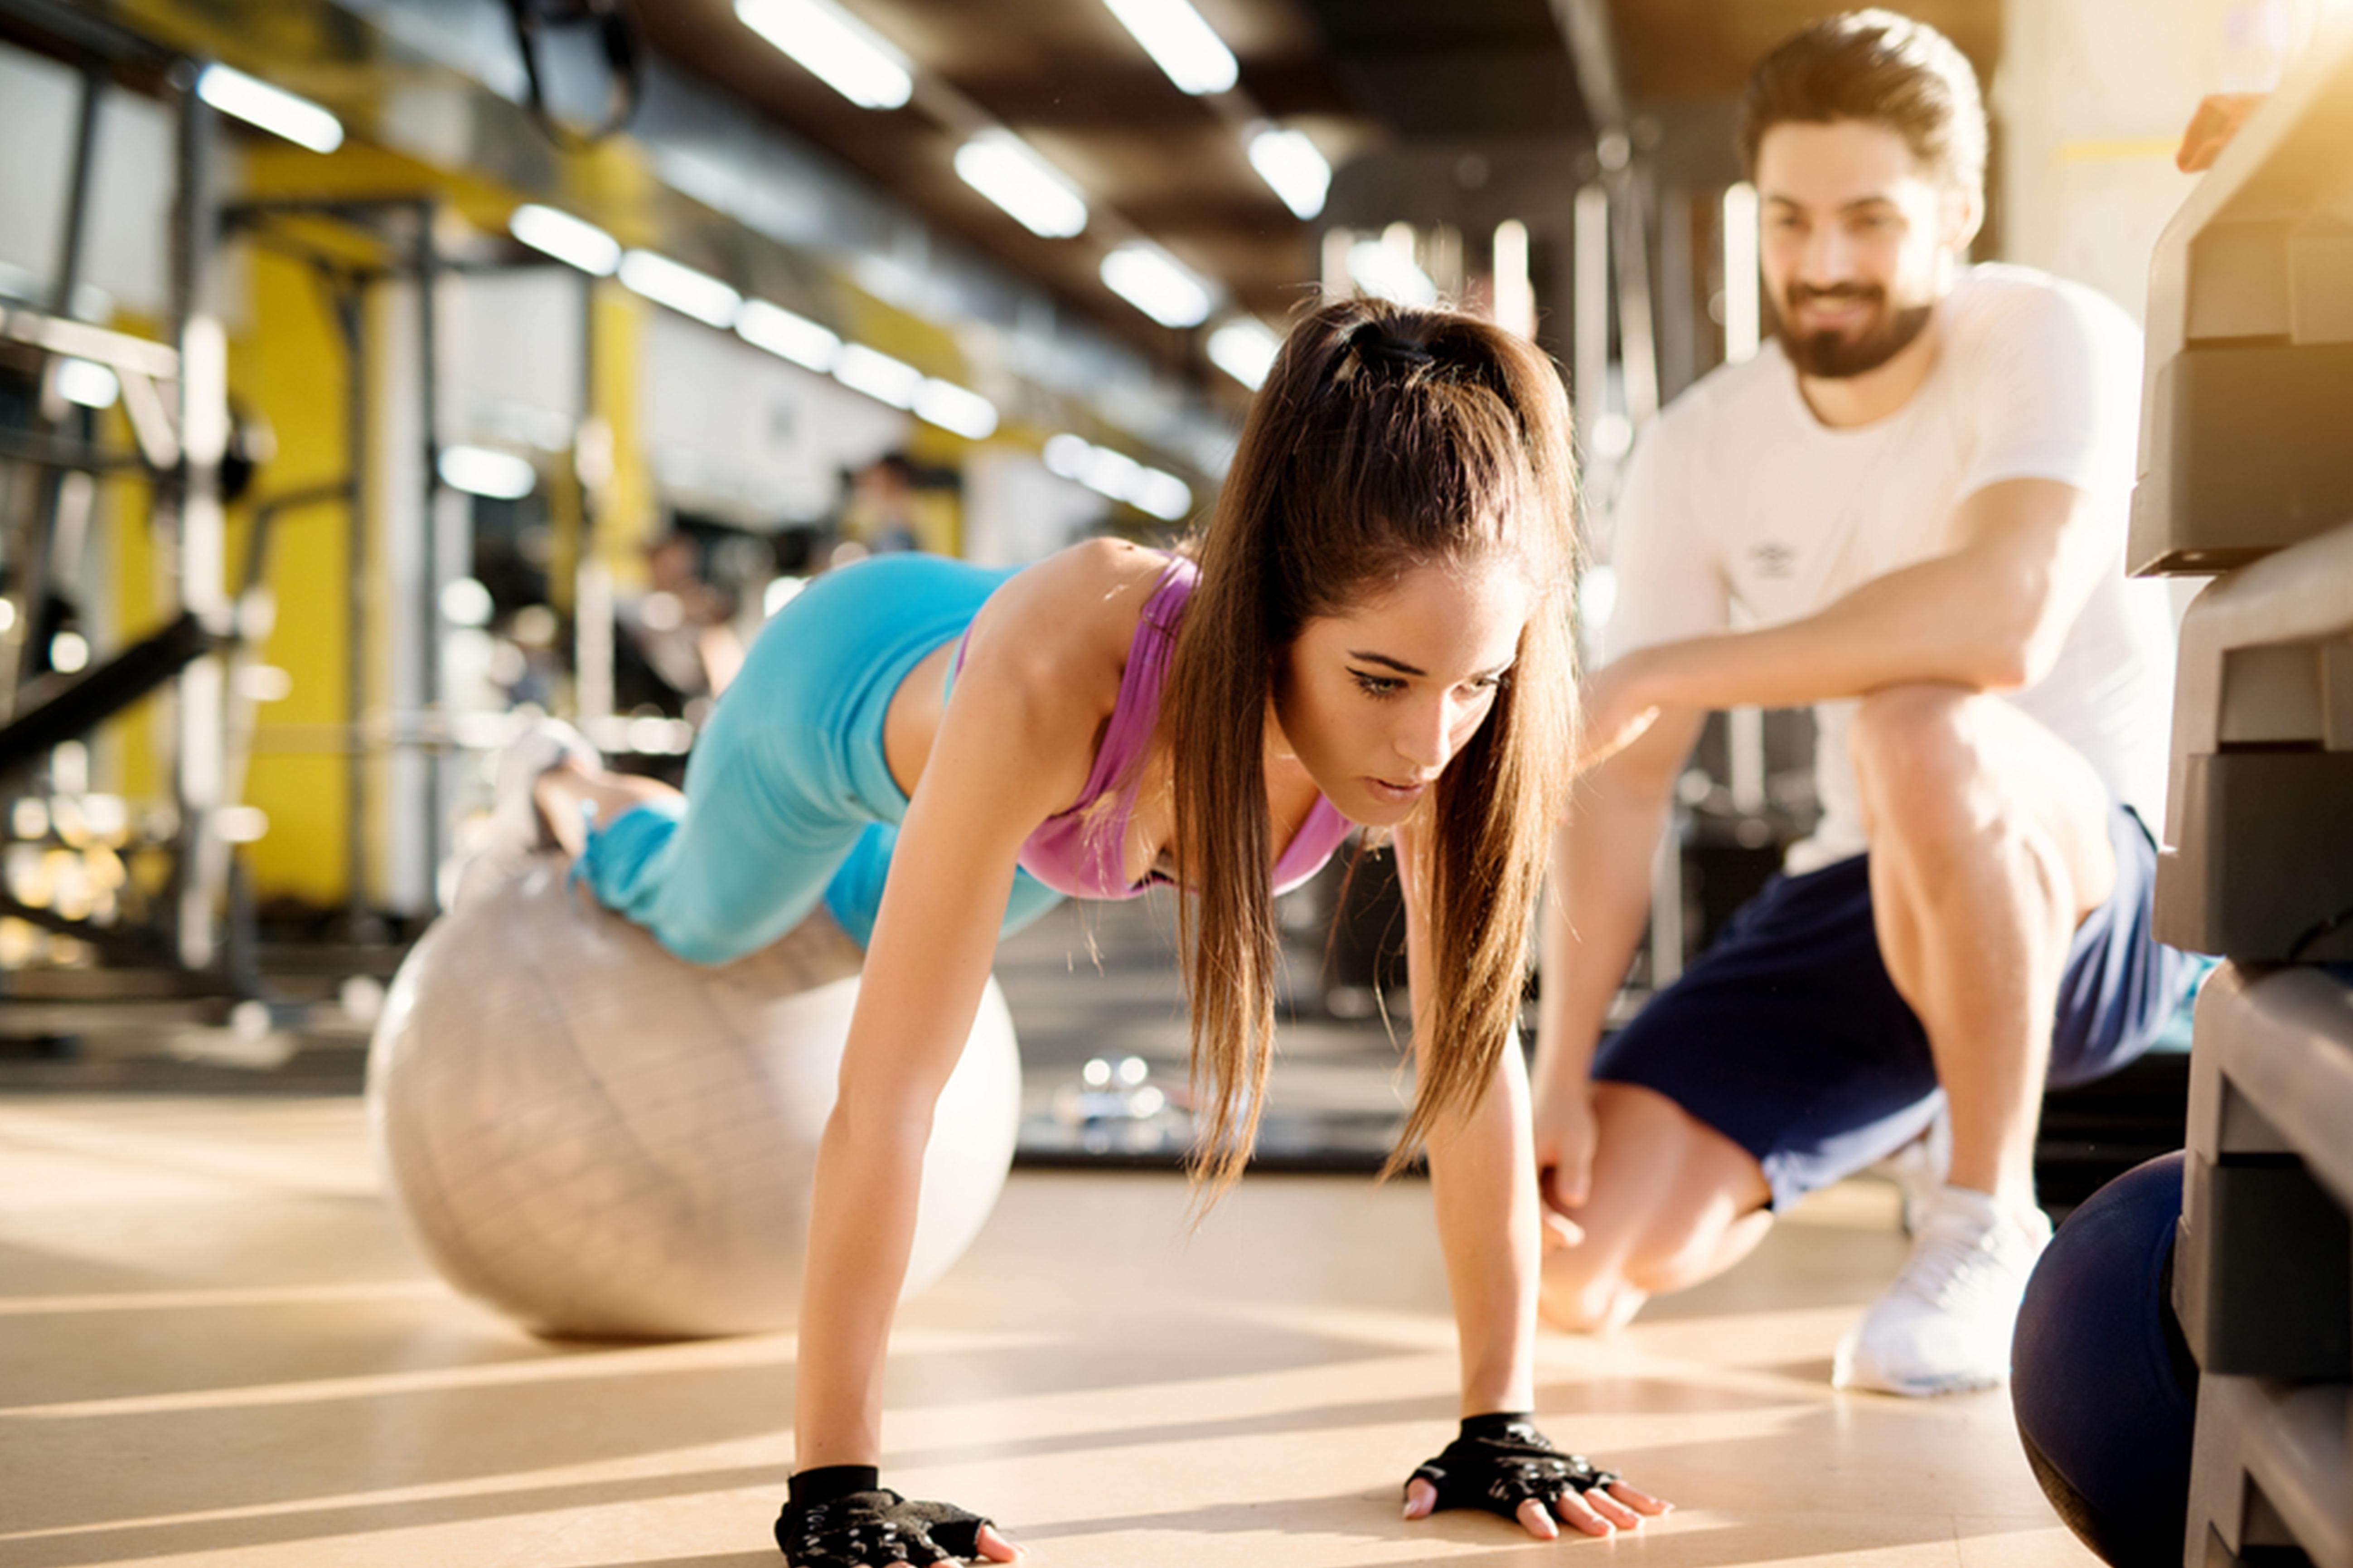 バランスボールを使ってジムでトレーニングする女性とトレーナー